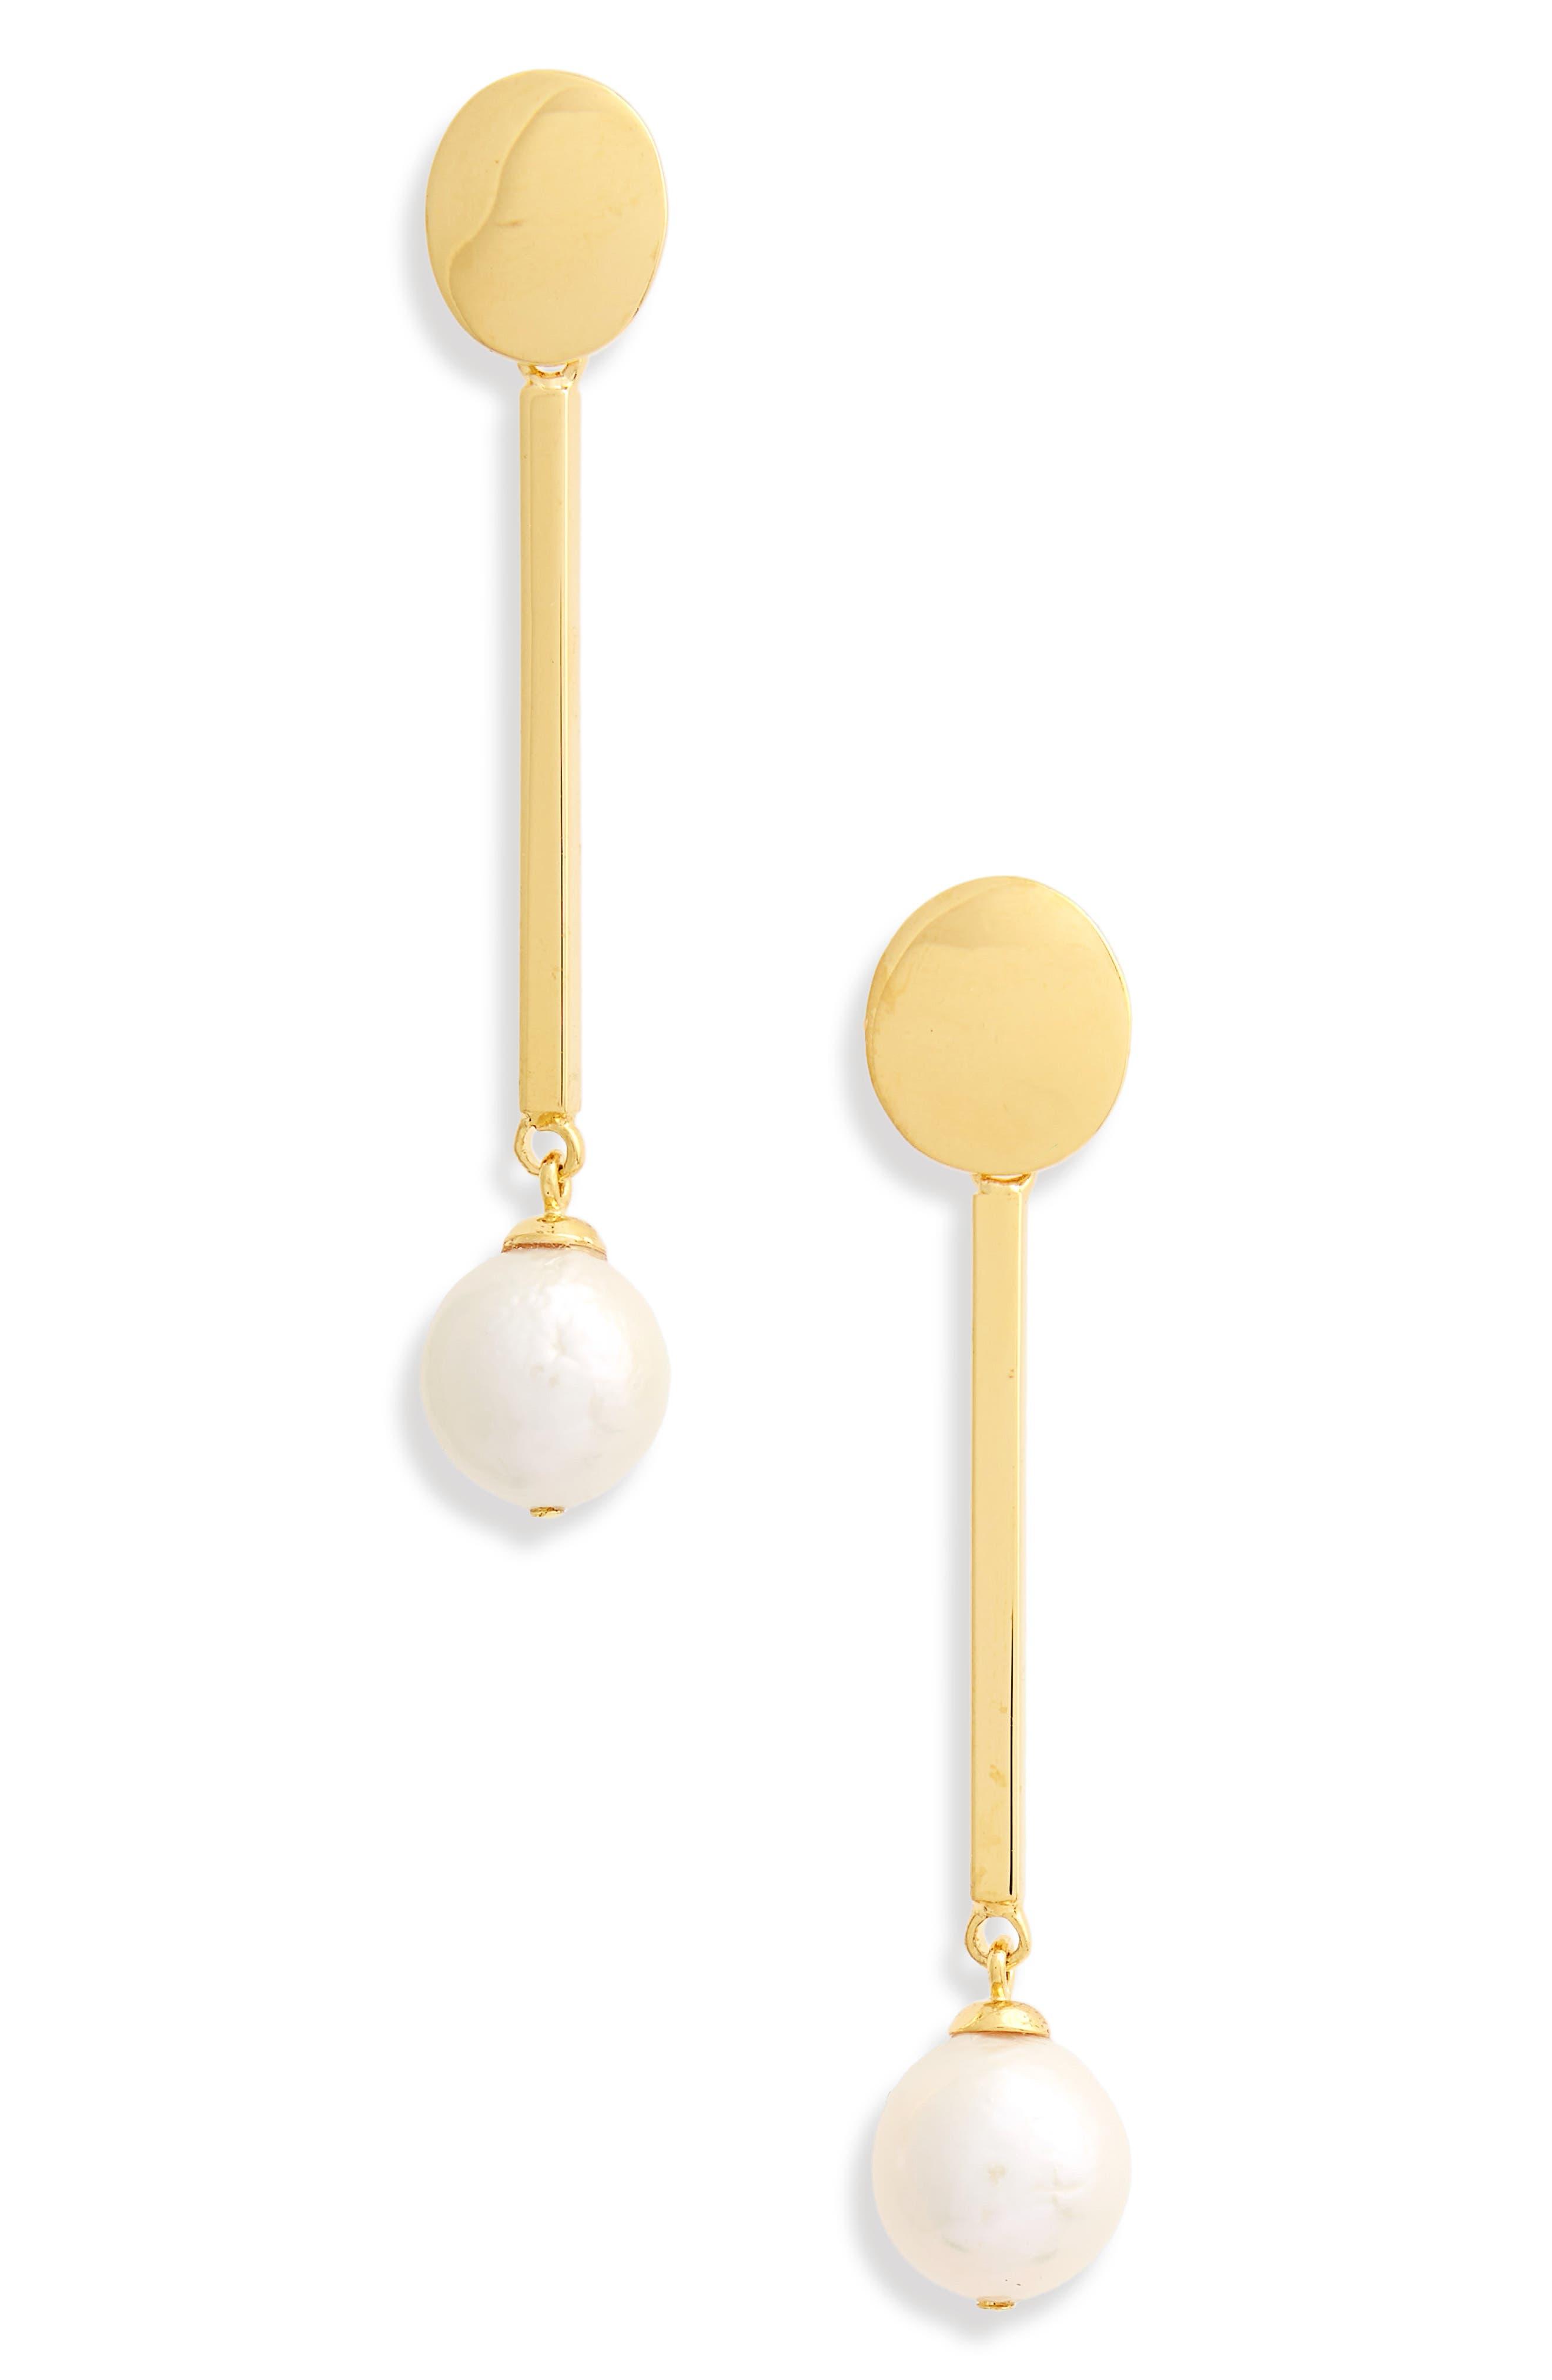 Moonbeam Pearl Earrings,                             Main thumbnail 1, color,                             Gold Multi